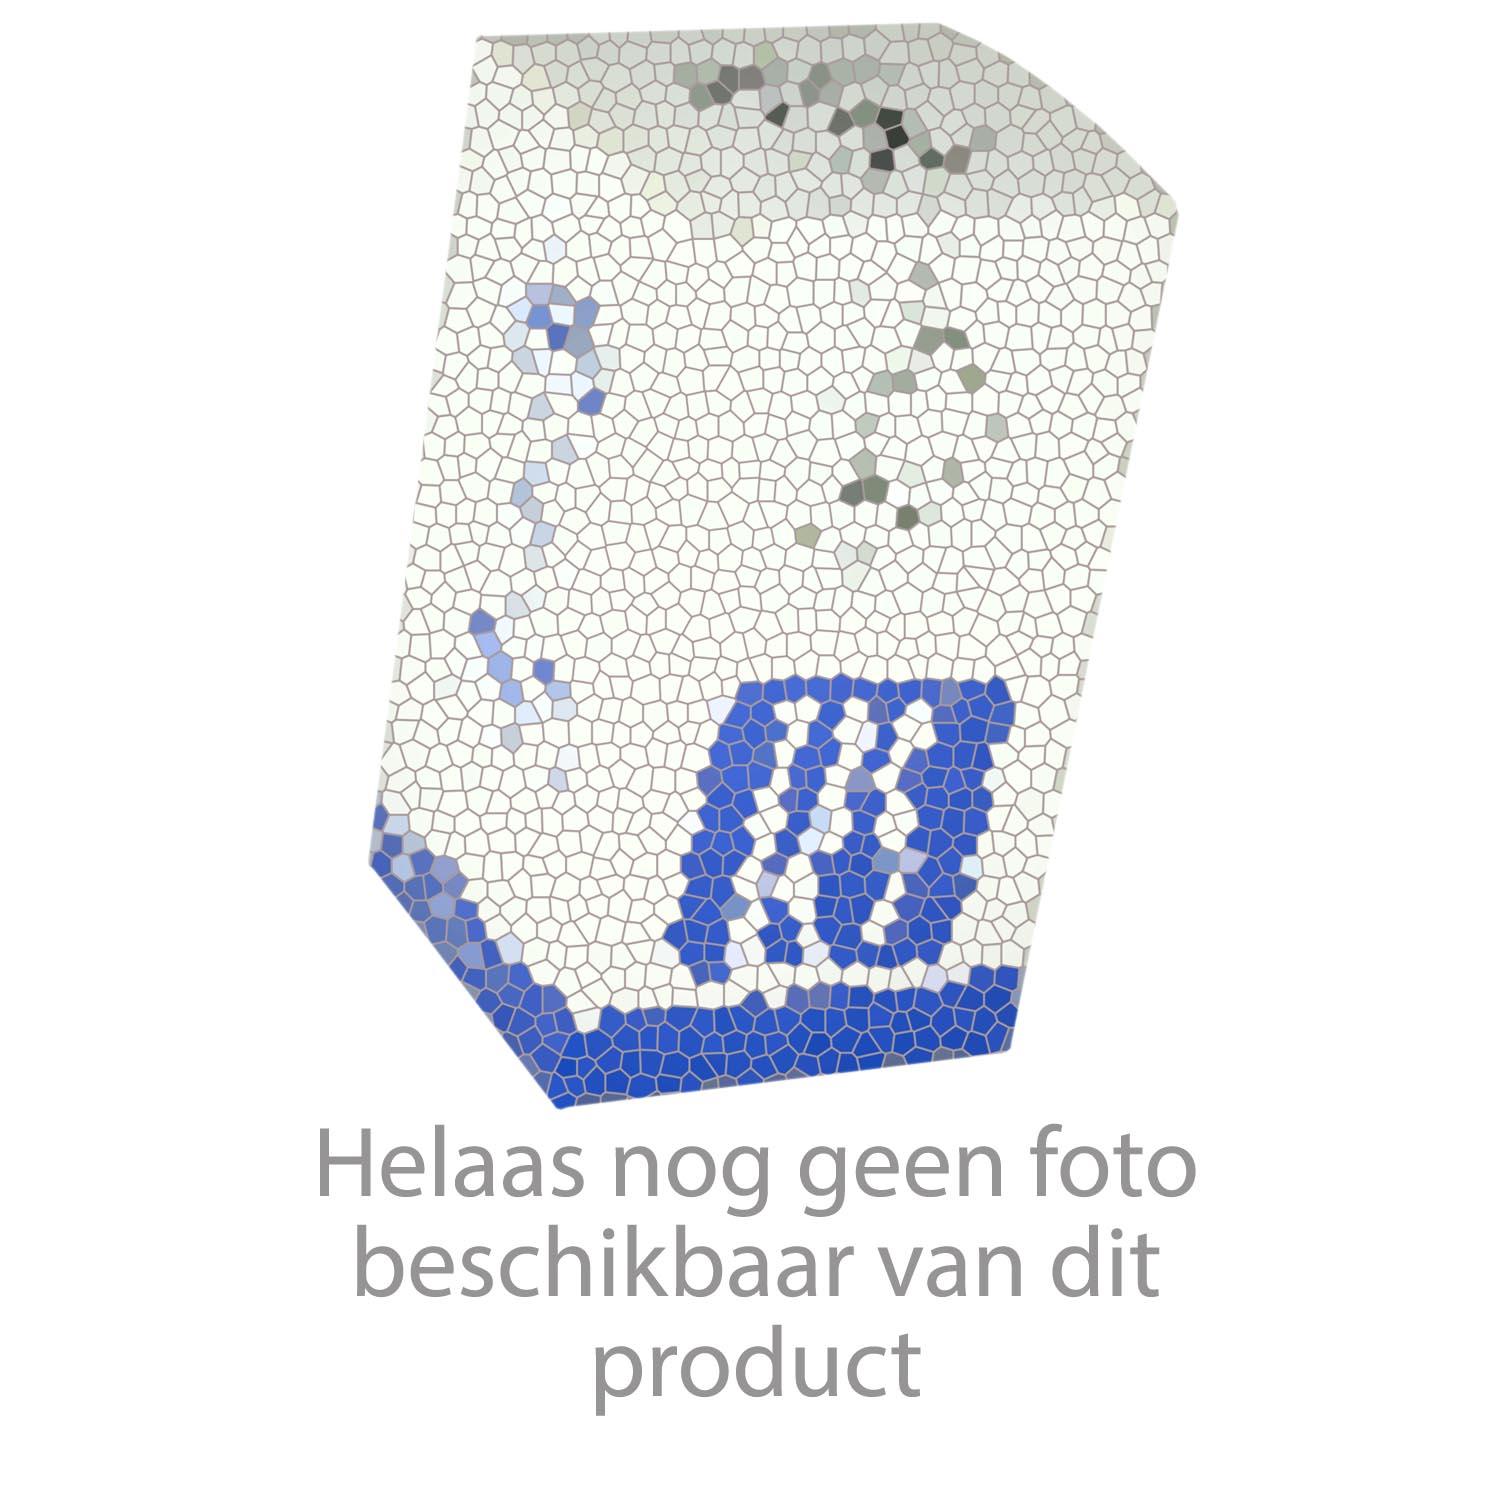 Grohe onderdelen Get Keukenmengkraan chroom / super steel Artikelnummer 30196000 / 30196DC0